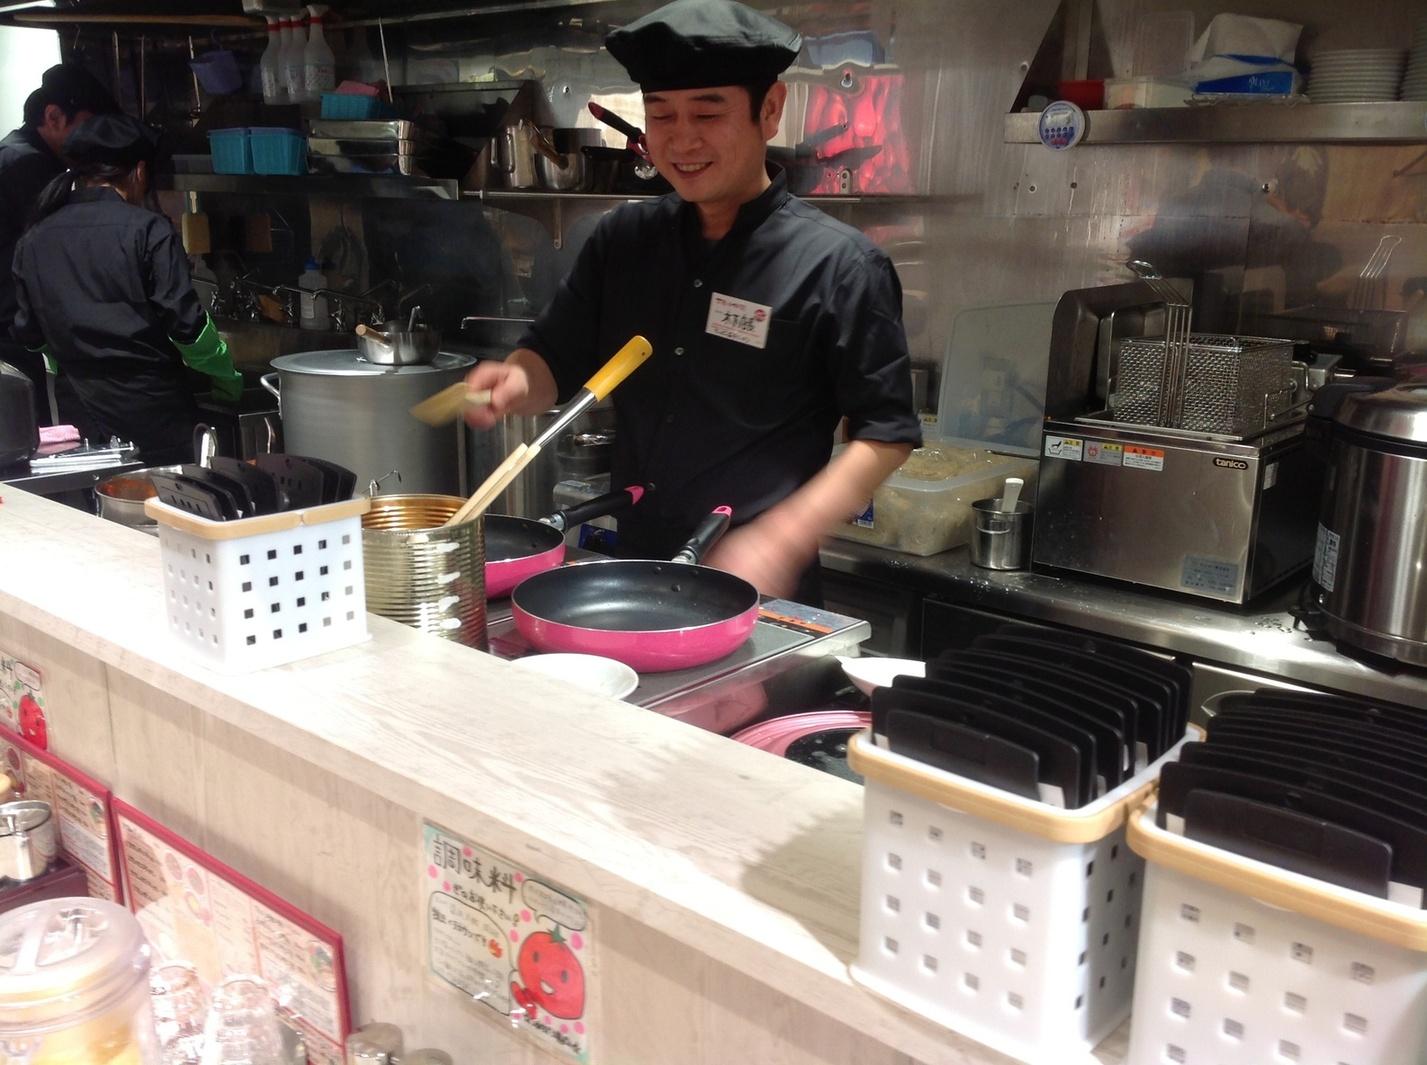 太陽のトマト麺 上野広小路店